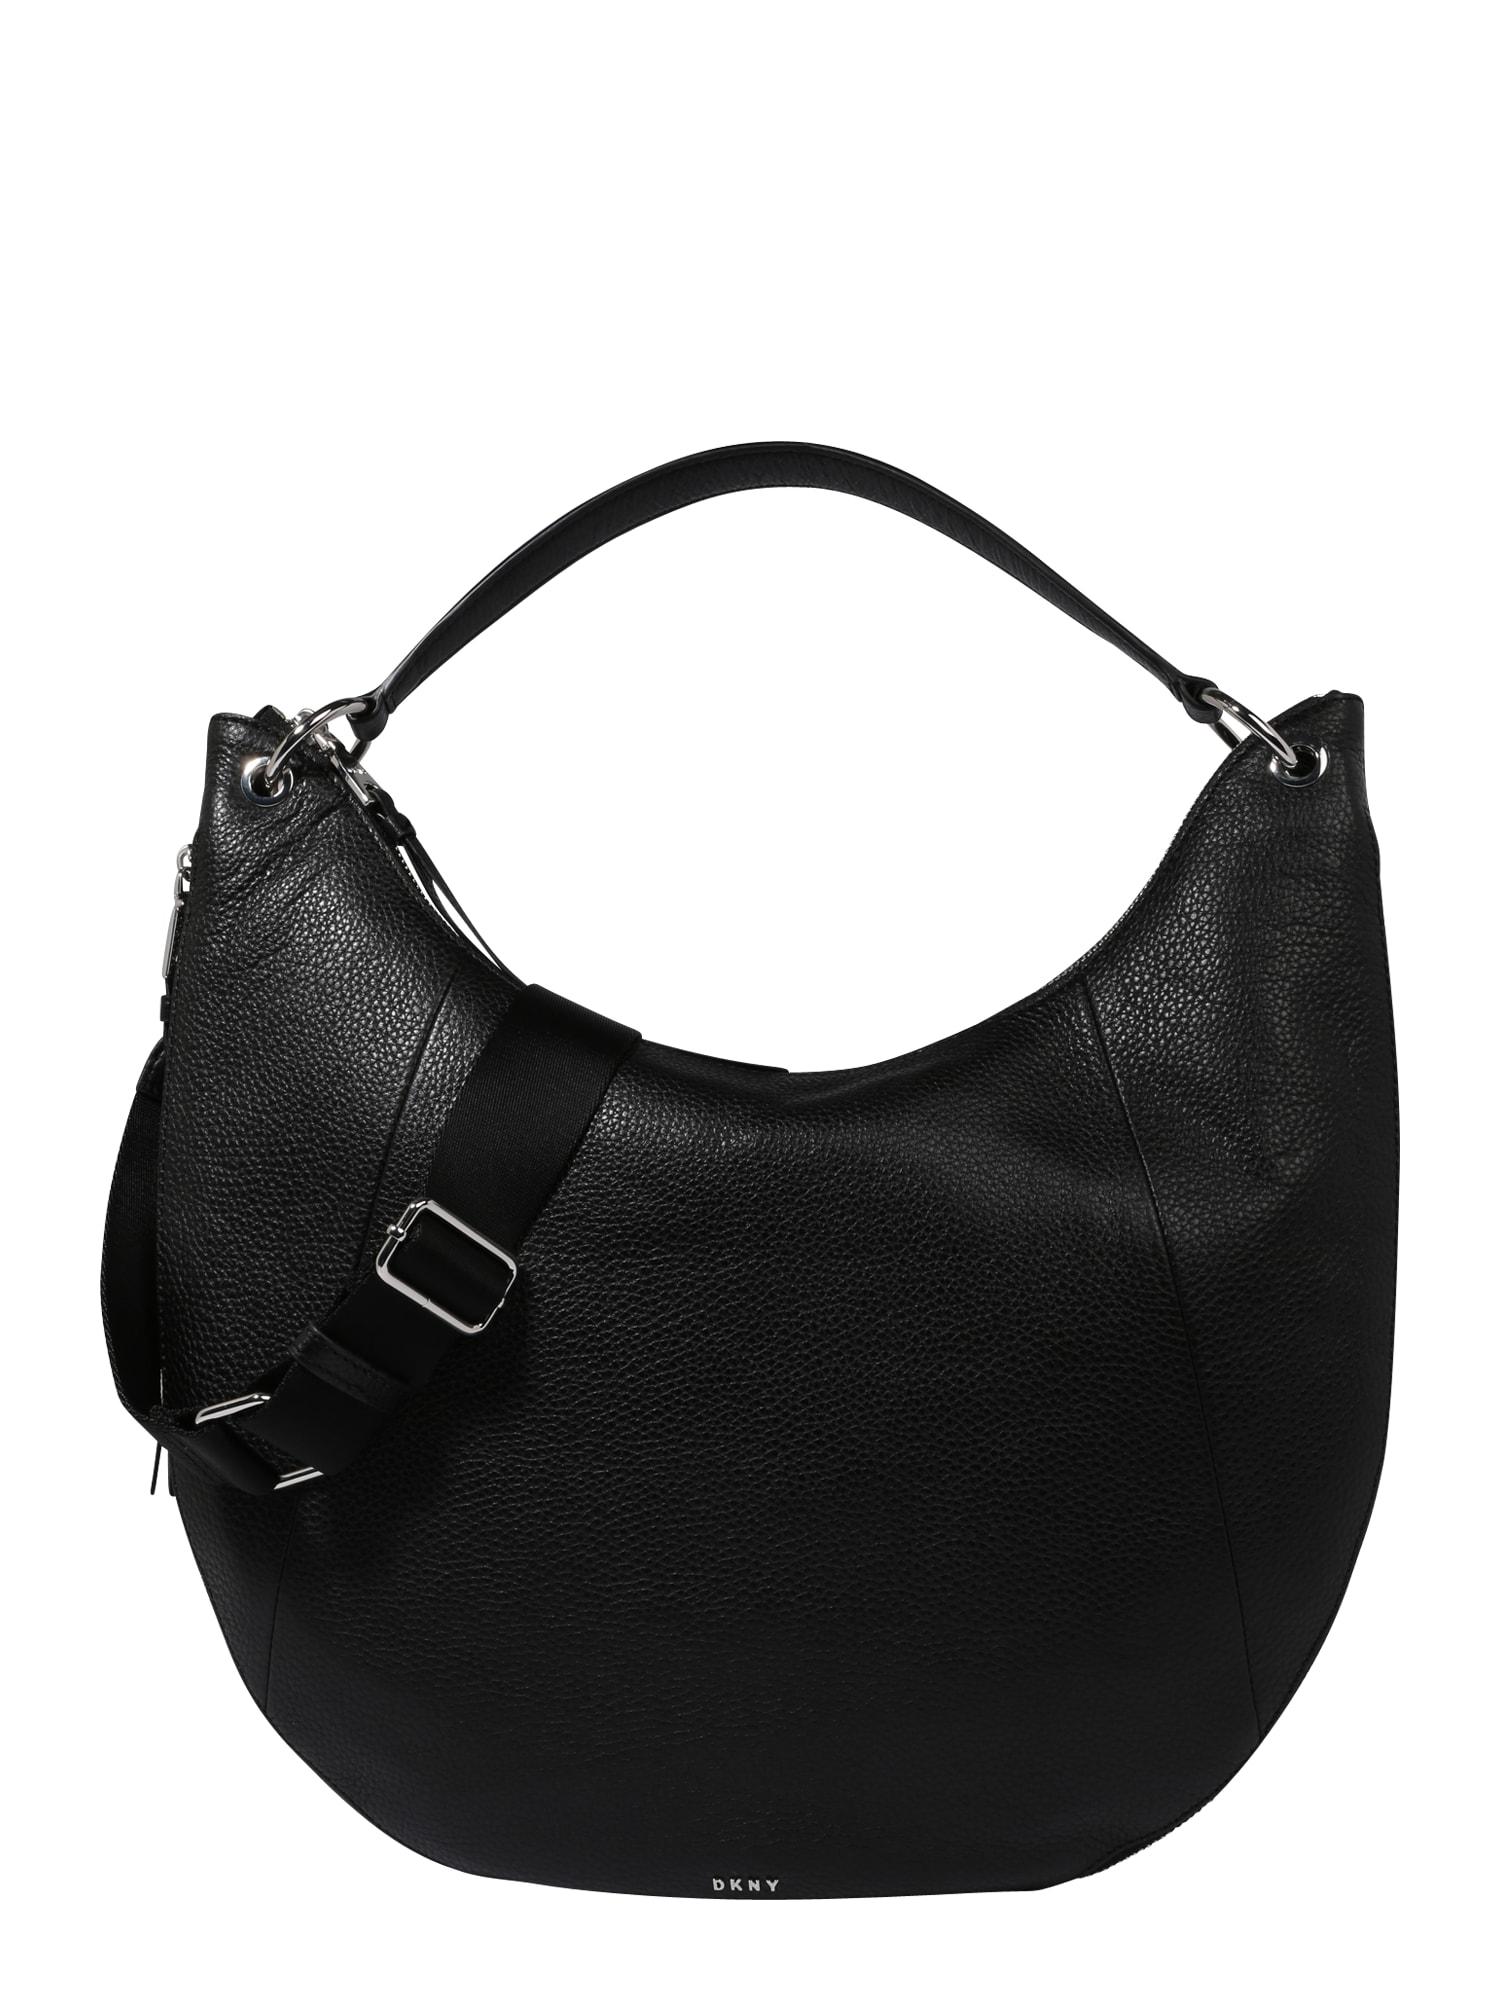 Tasche 'TOMPSON'   Taschen > Handtaschen > Sonstige Handtaschen   Schwarz - Silber   DKNY